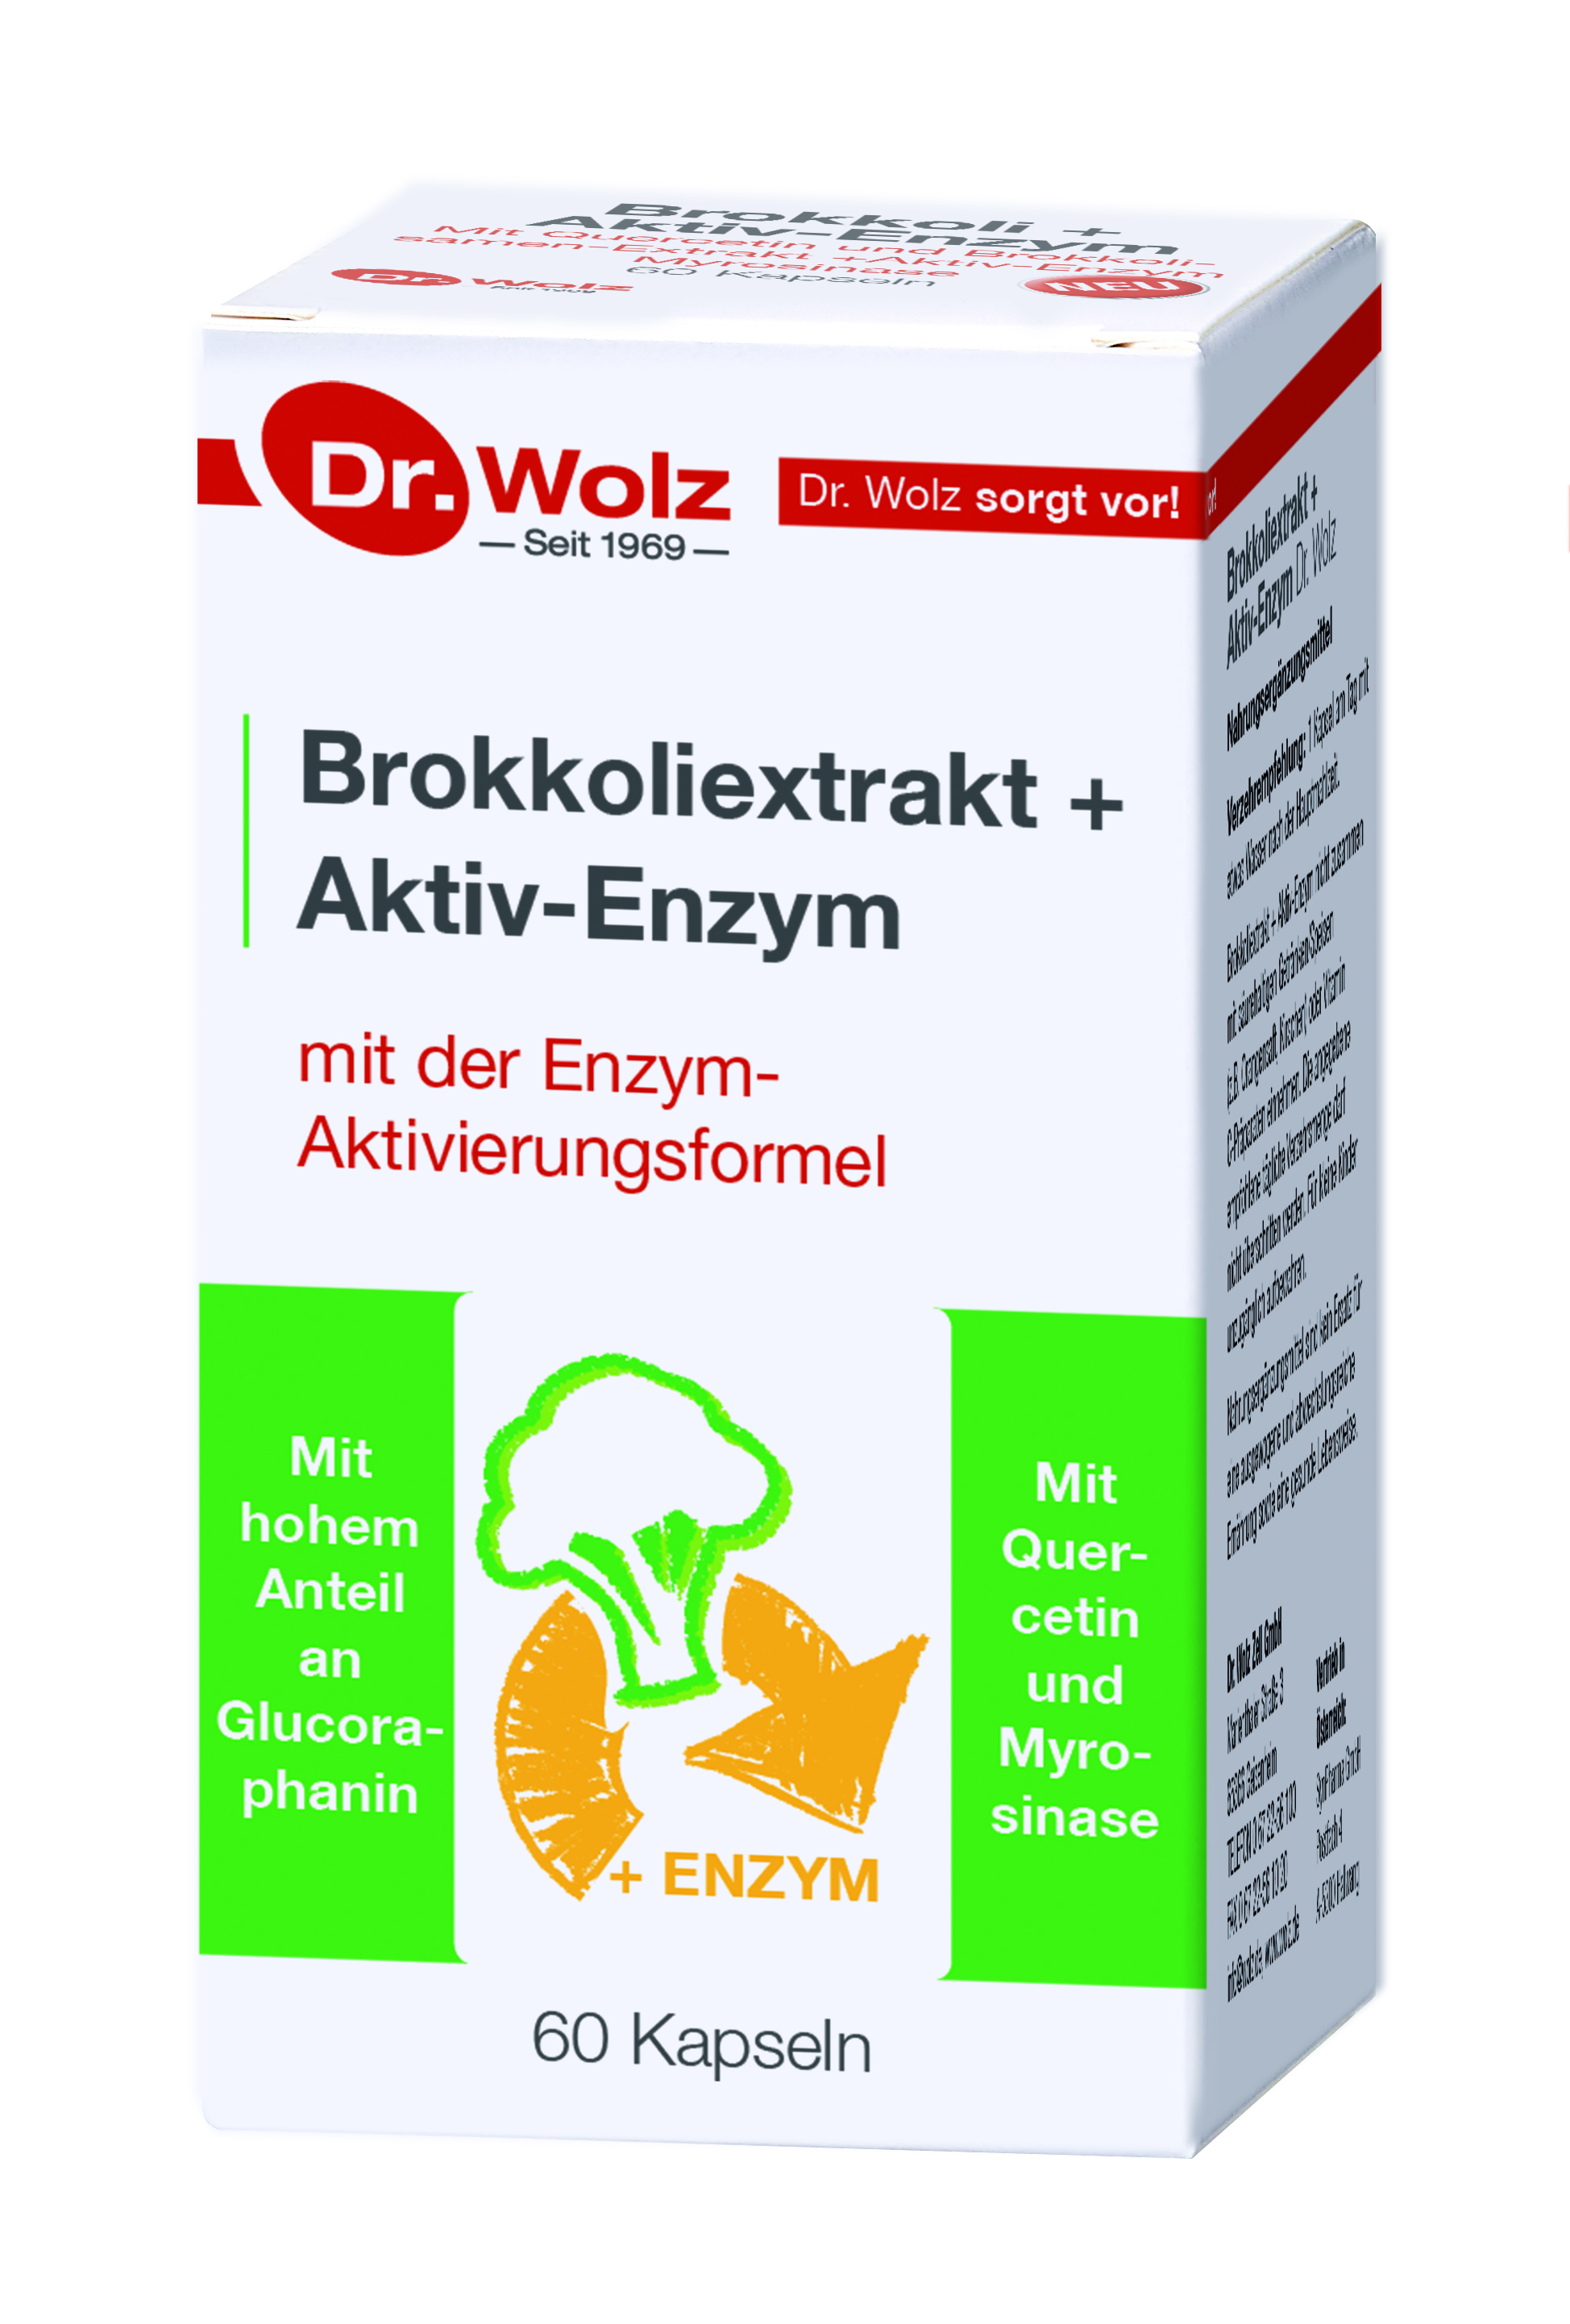 Vorschaubild: Brokkoli-Extrakt + Aktiv-Enzym